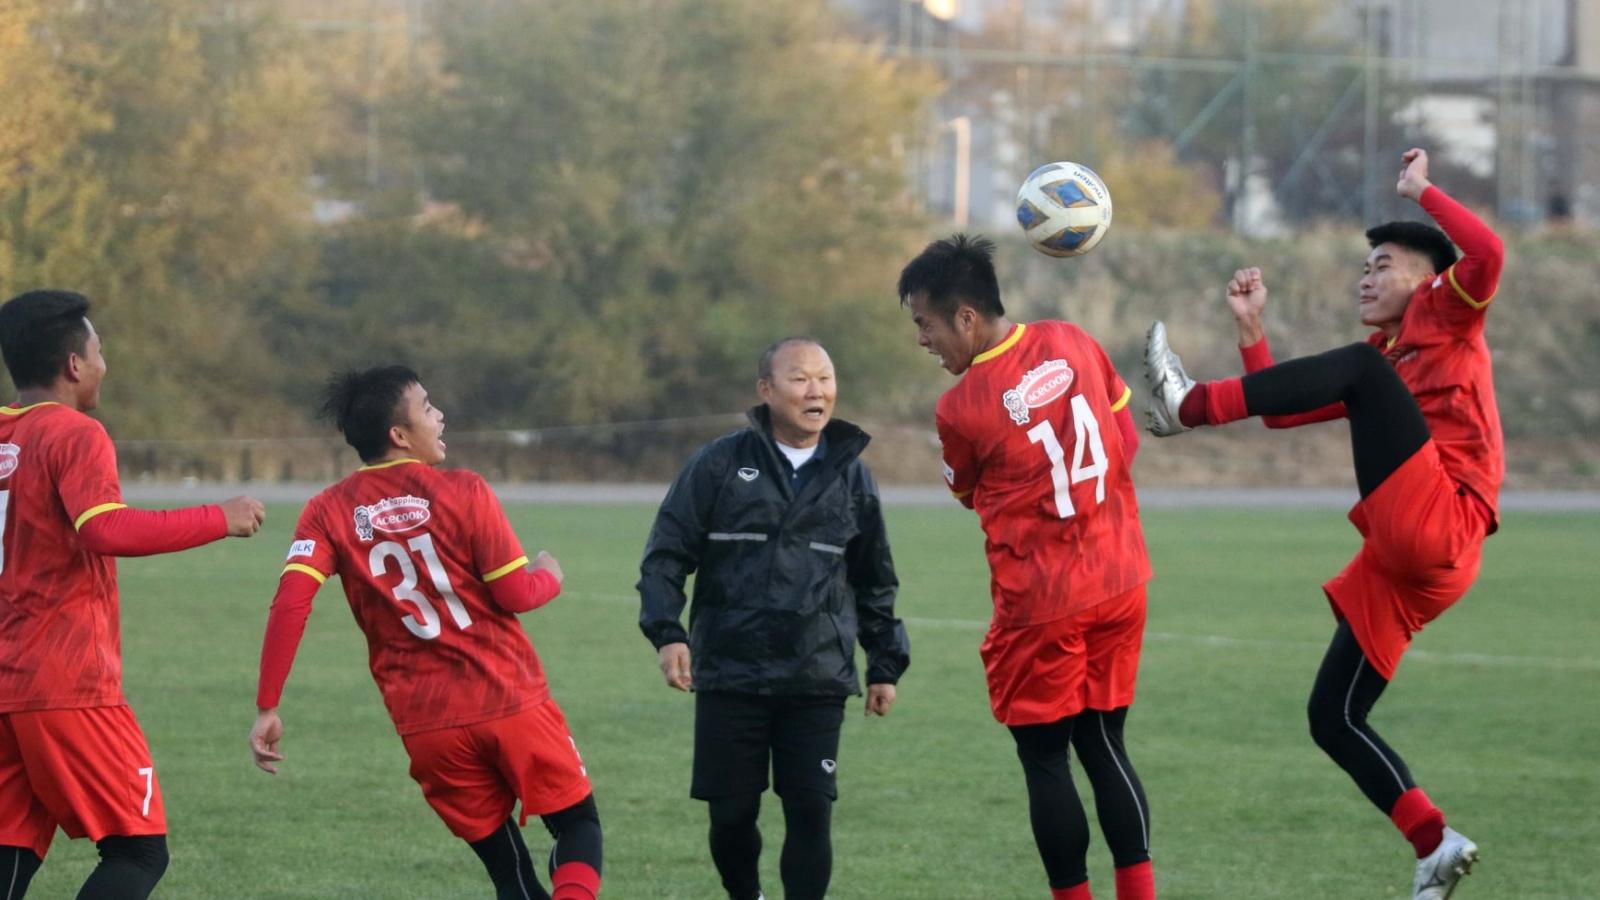 HLV Park Hang Seo vắng mặt khi ĐT Việt Nam tập trung chuẩn bị đấu ĐT Nhật Bản